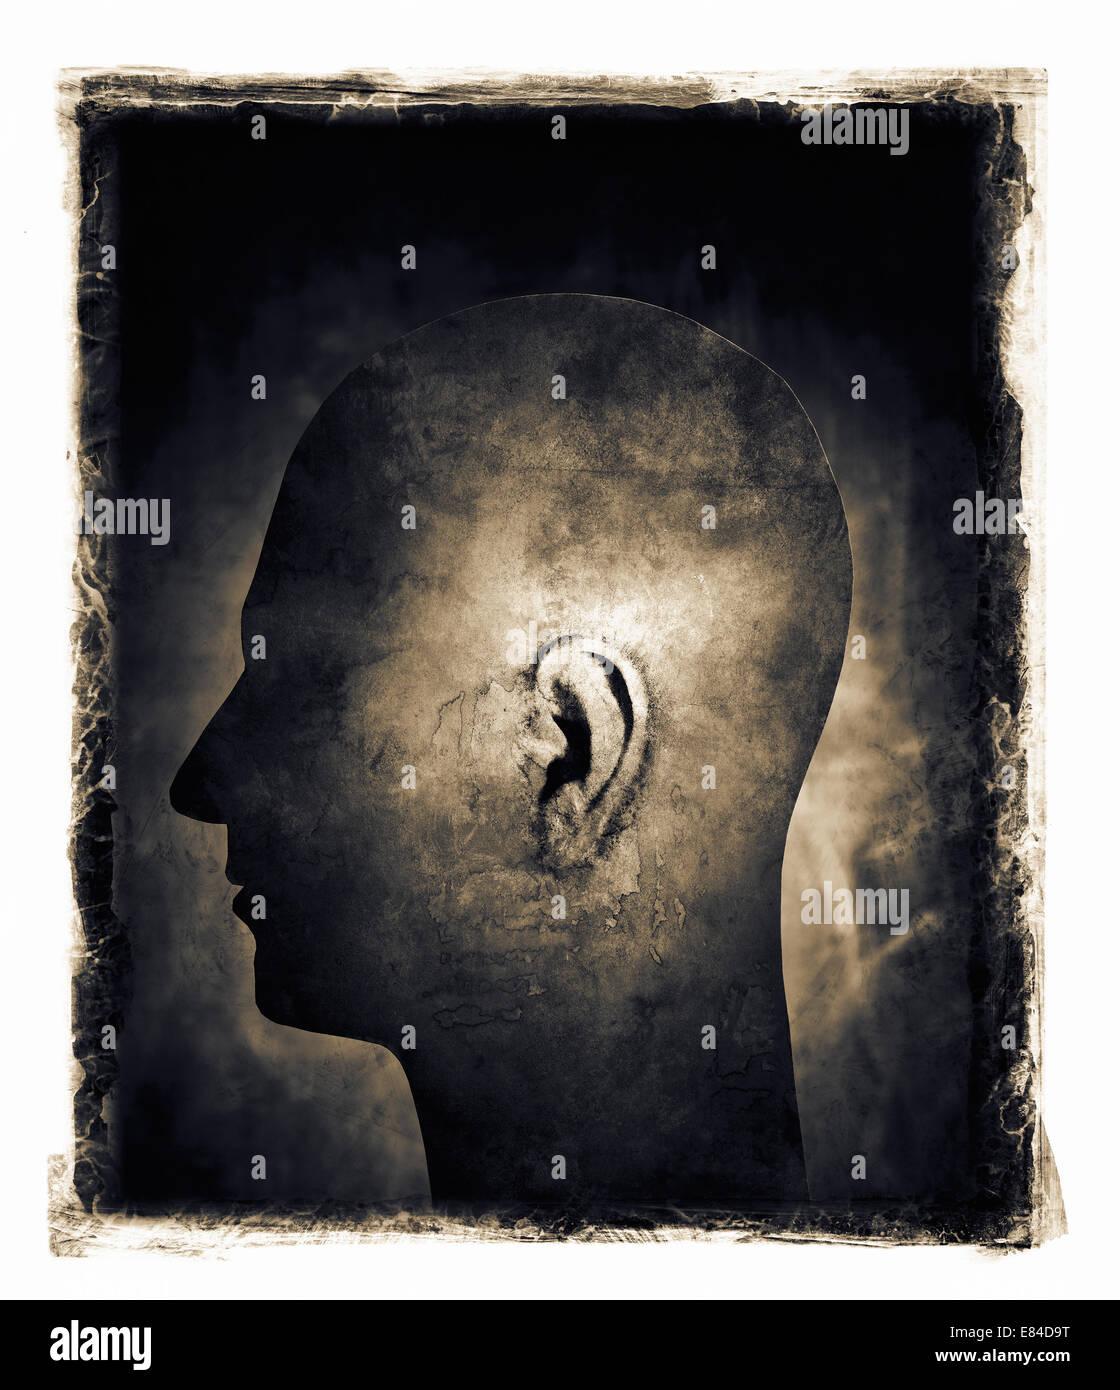 Image granuleuse granuleux et de la tête d'un homme à l'oreille par Spotlight. Photo Stock